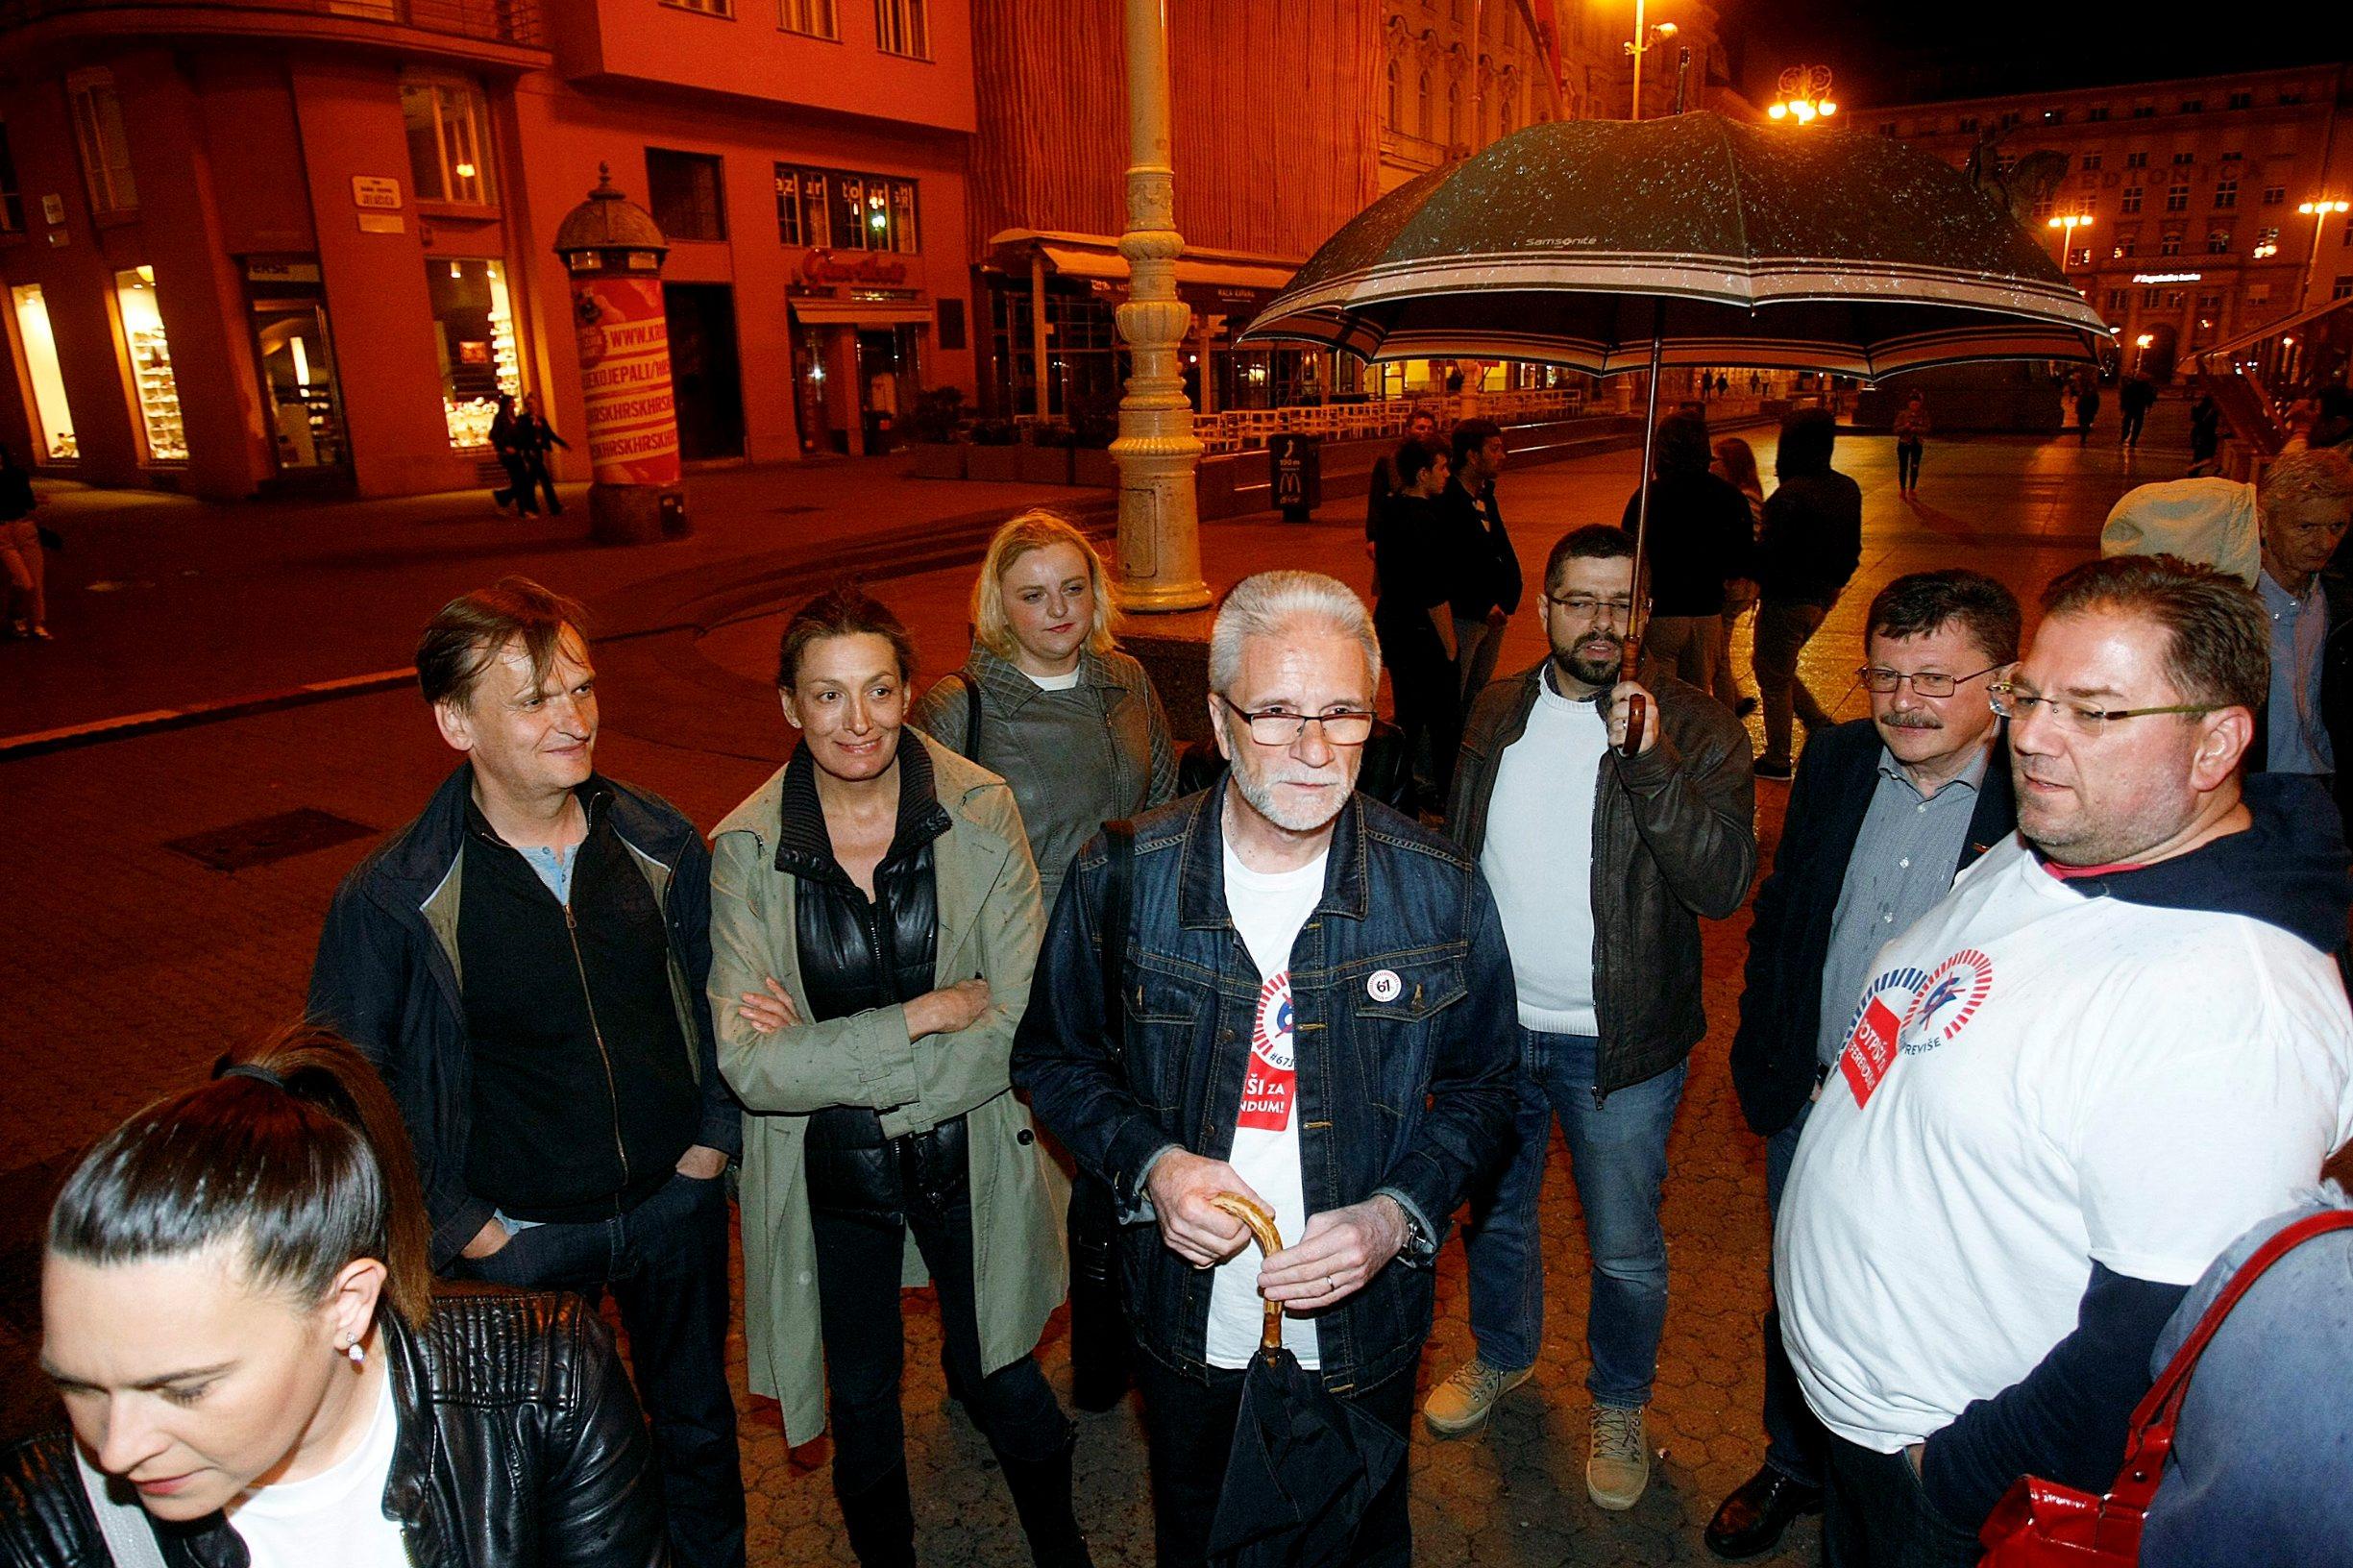 Zagreb, 270419.  Sindikalna inicijativa 67 je previse u ponoc je na Trgu bana Jelacica pocela prikupljati potpise za raspisivanje referenduma o izmjenama Zakona o mirovinskom osiguranju, kako bi se sprijecilo dizanje dobne granice na 67 godina za odlazak u punu mirovinu. Diljem Hrvatske u iduca dva tjedna bit ce otvoreno oko 300 standova na kojima ce gradjani moci dati svoj potpis za raspisivanje referenduma za koji treba prikupiti oko 385.000 potpisa.  Na fotografiji: Ursa Raukar, Vili Matula,  Kresimir Sever. Foto: Ranko Suvar / CROPIX